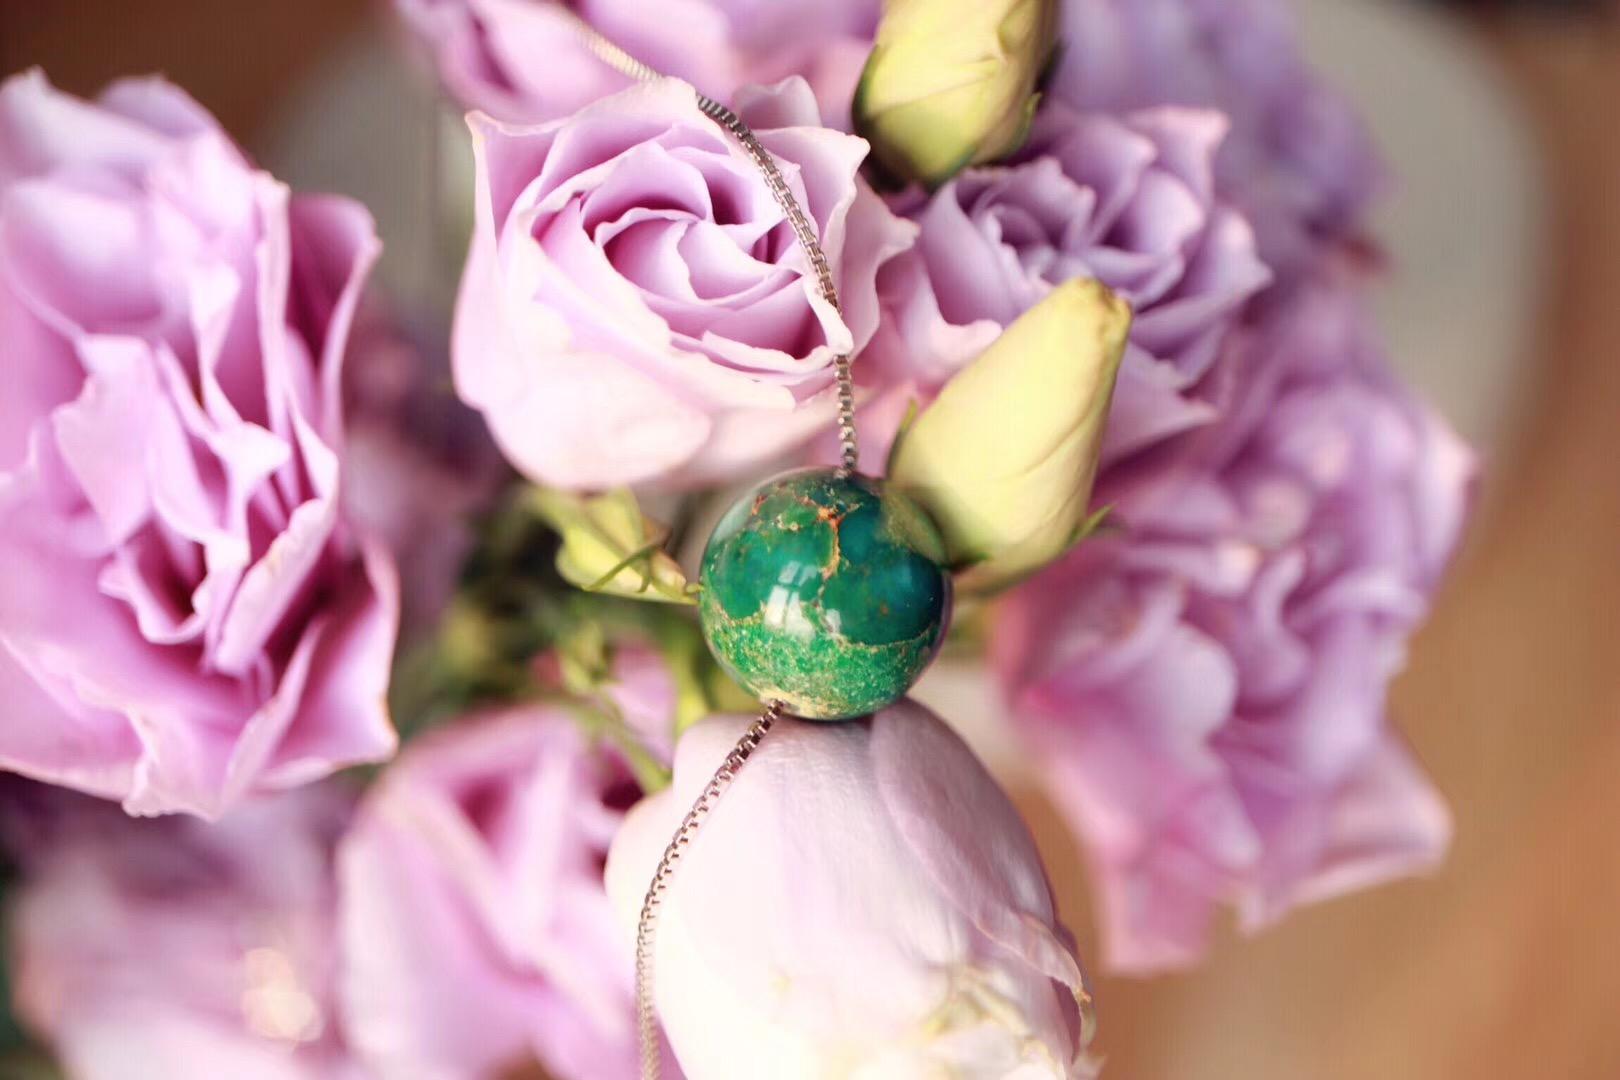 【菩心-绿松石】14mm原矿绿松石锁骨链-菩心晶舍